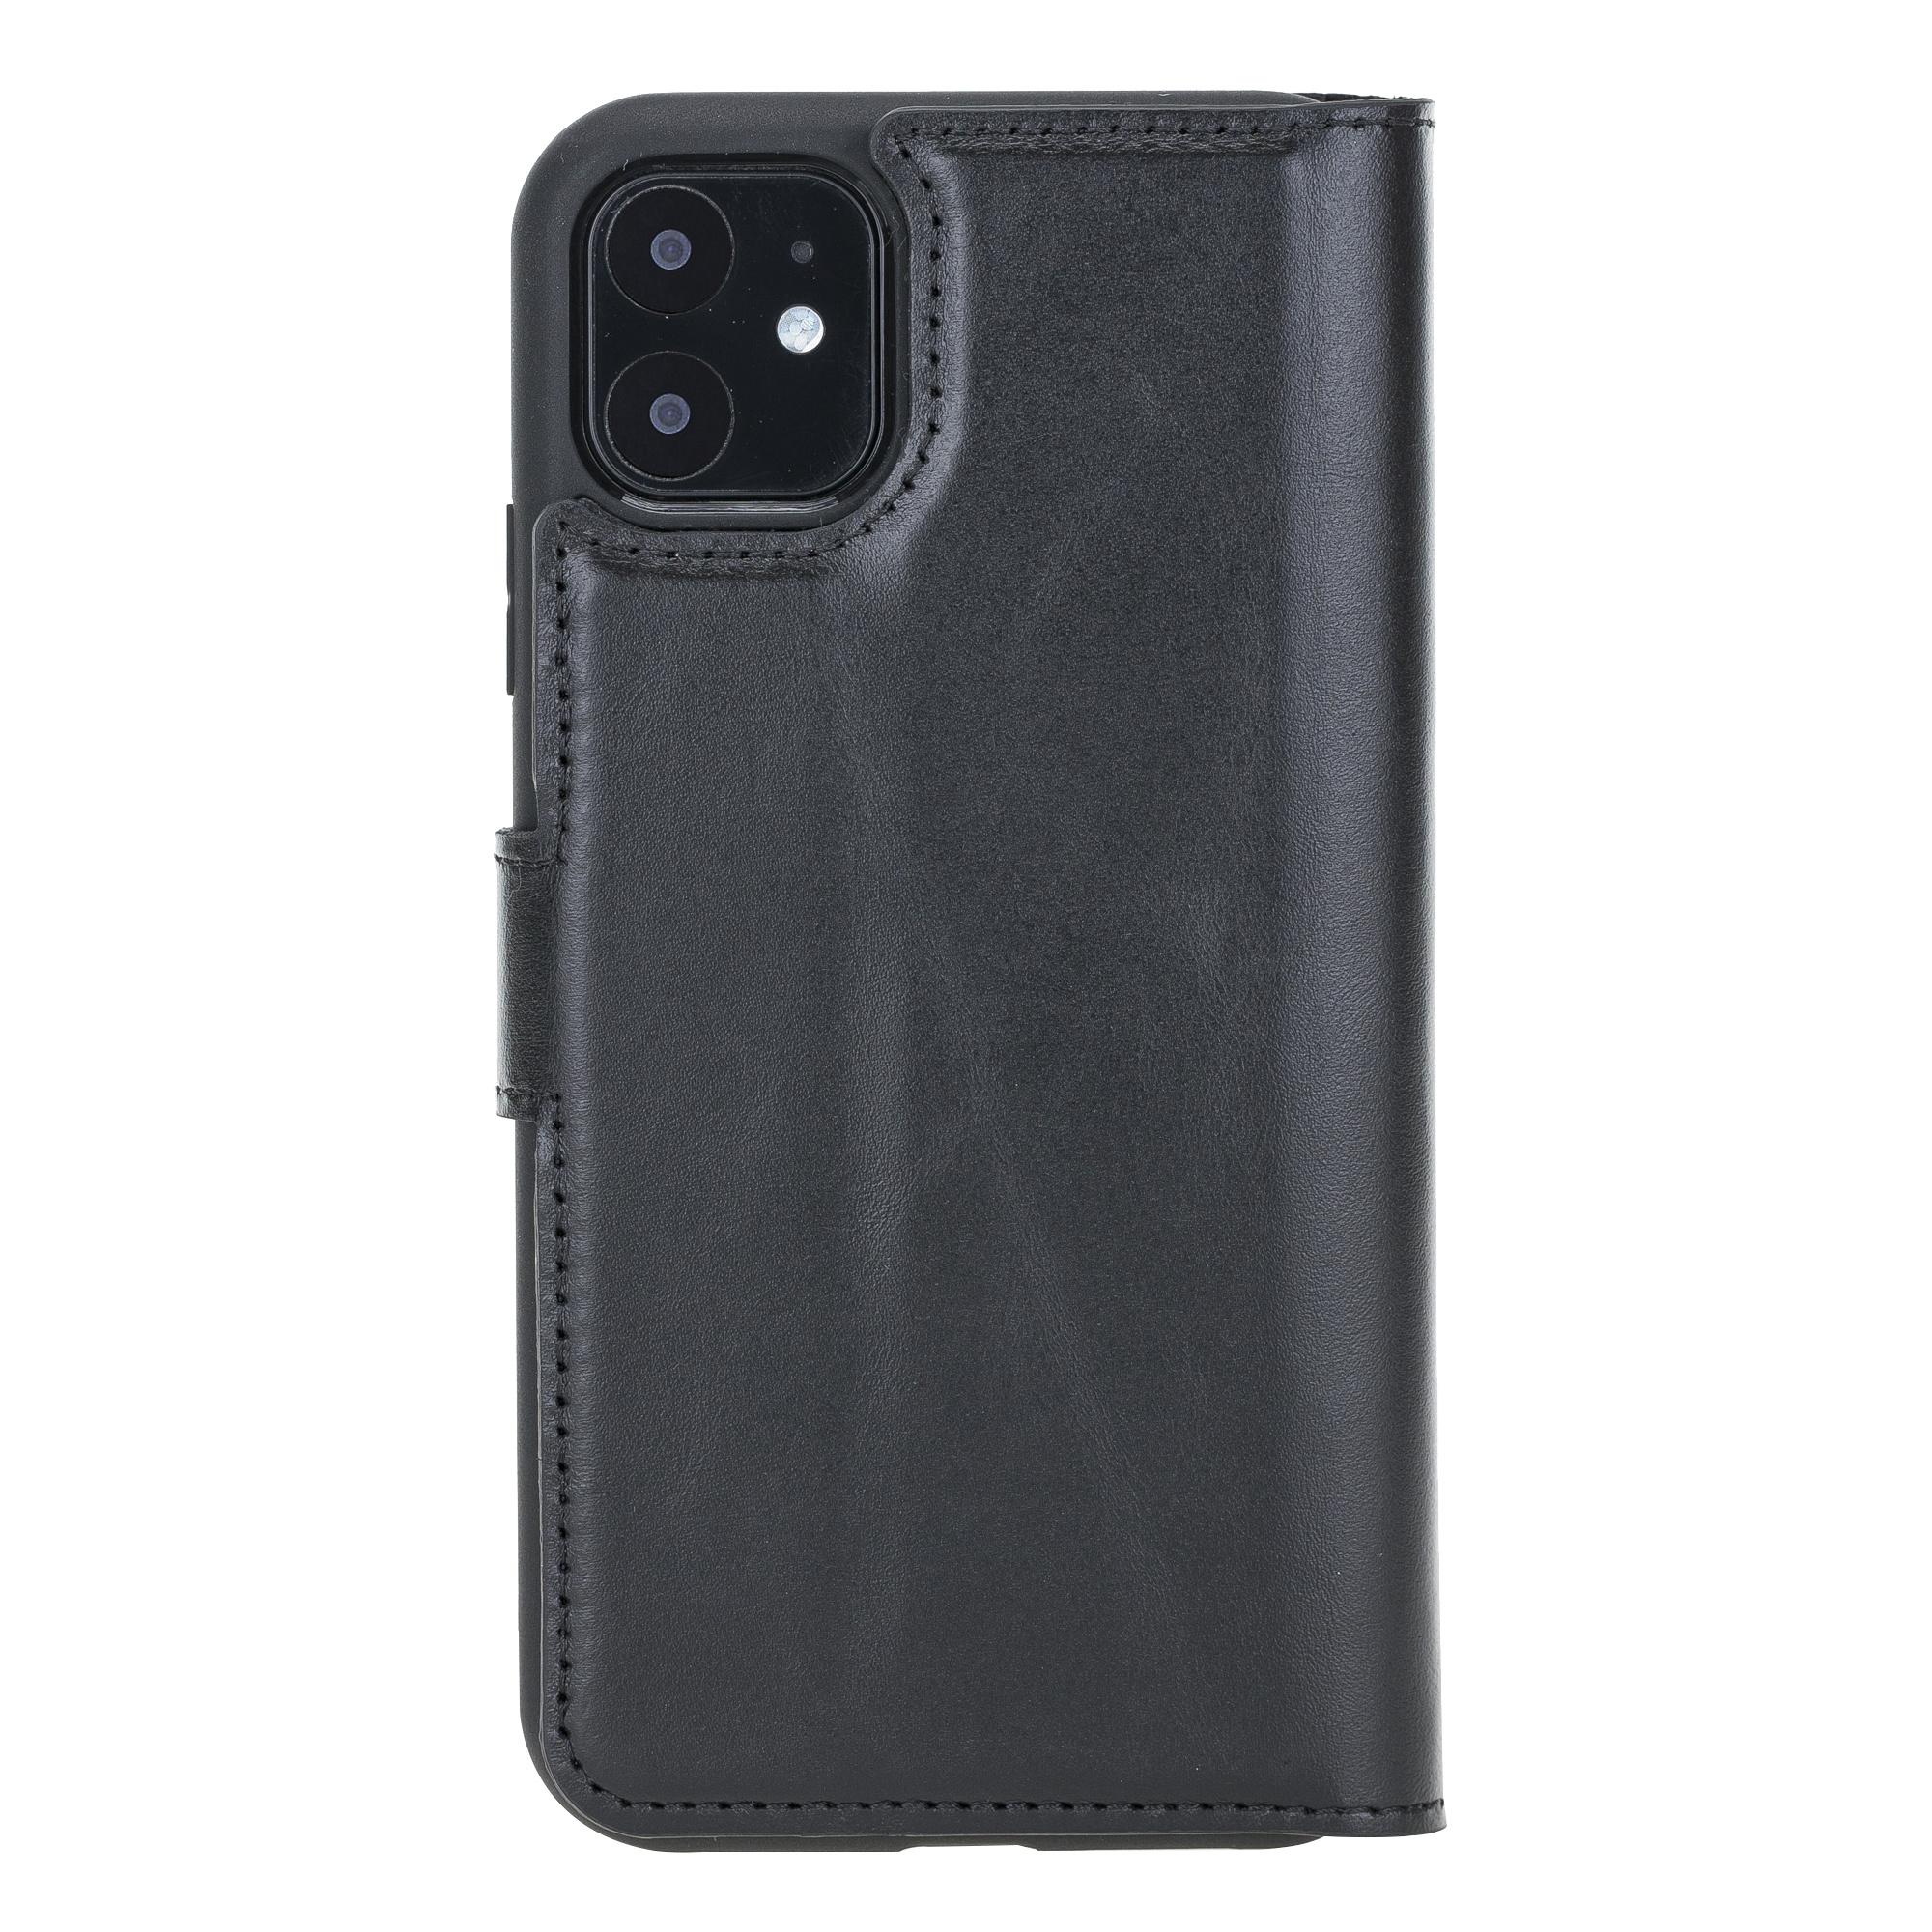 NorthLife Echt lederen uitneembare 2-in-1 (RFID) bookcase hoes Burcht Trecht Zwart voor de iPhone 11